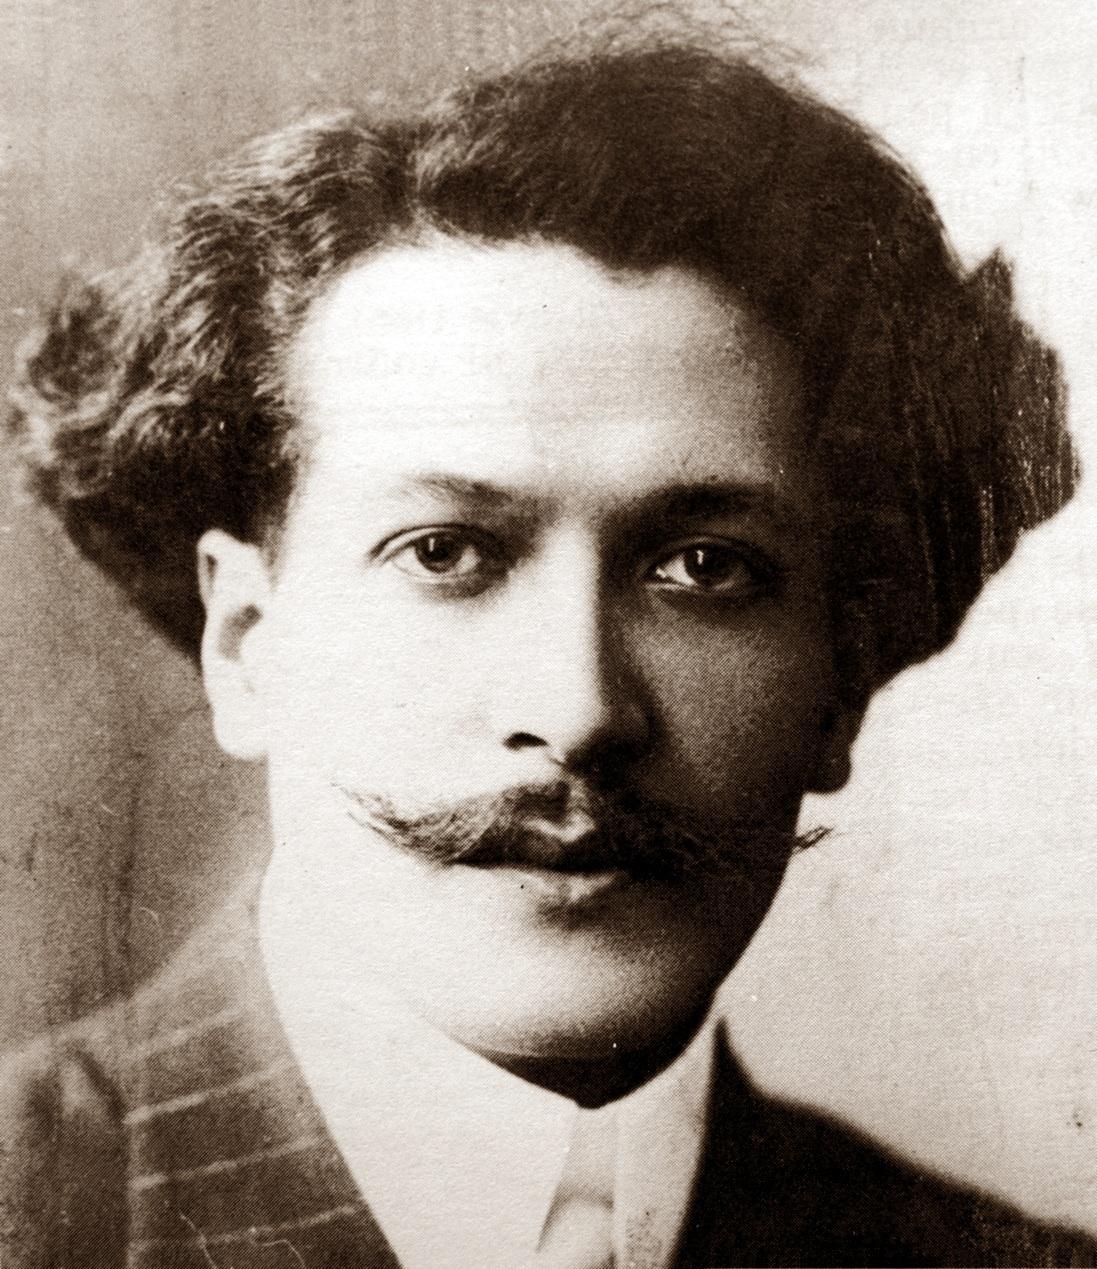 Miguel Almereyda (1912)